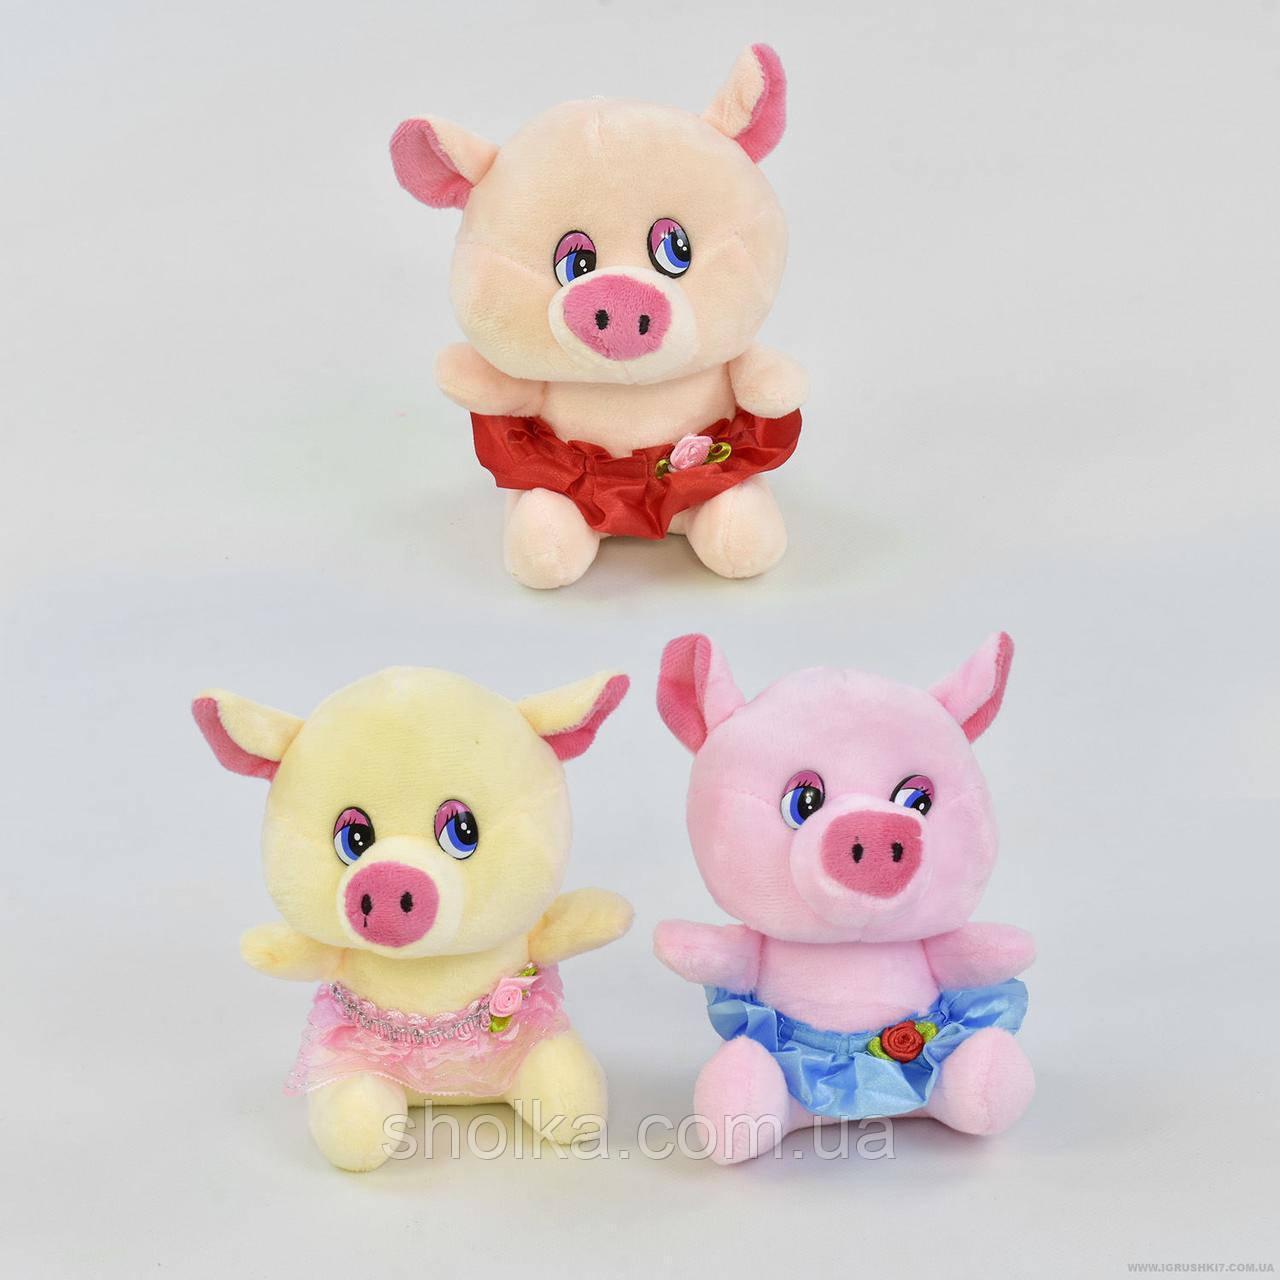 Мягкая игрушка Свинка С 31168 (240) высота 15см, 3 цвета РАСПРОДАЖА!!!